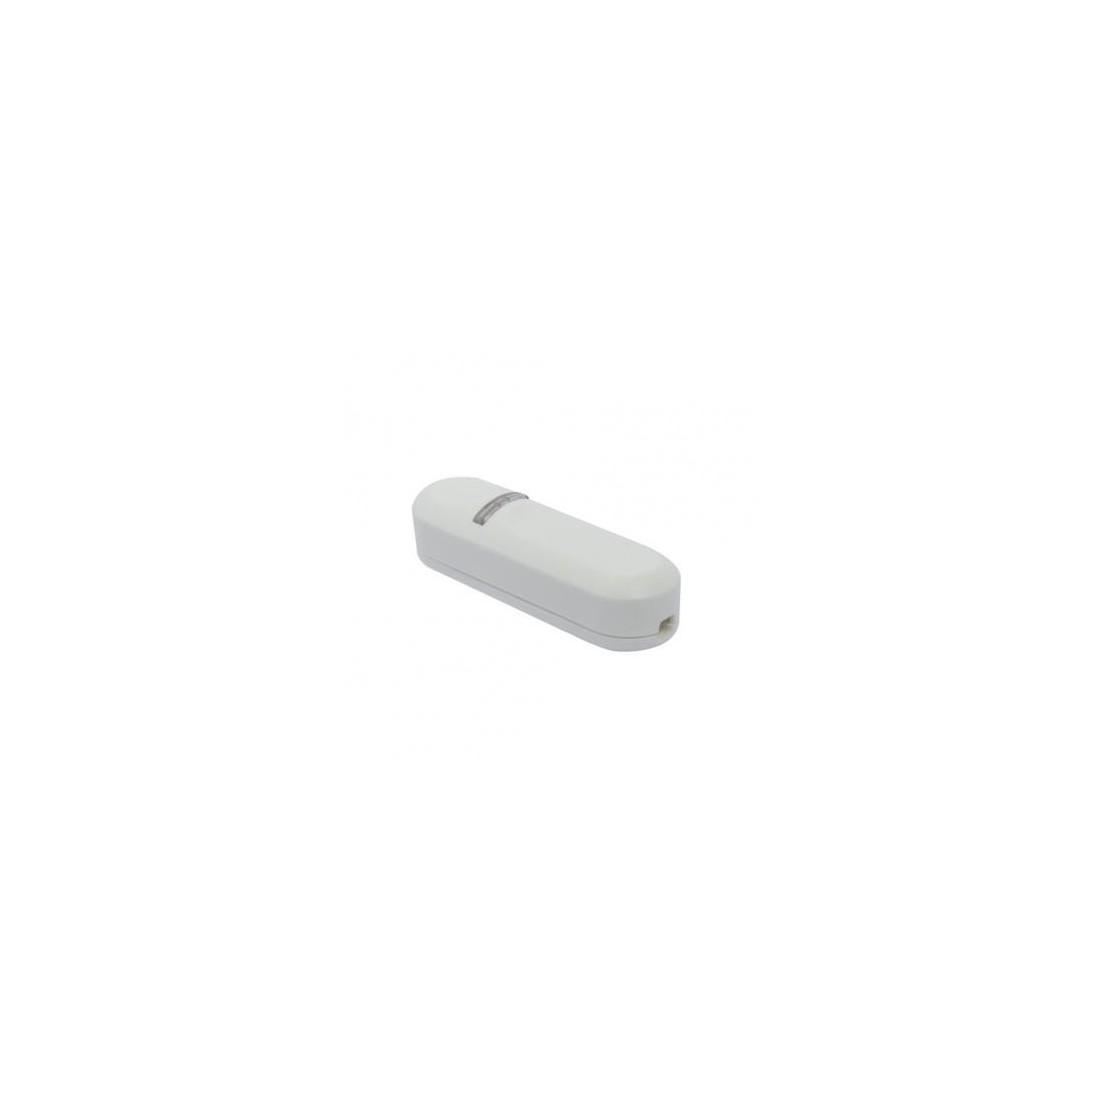 Variador electrónico universal - Branco